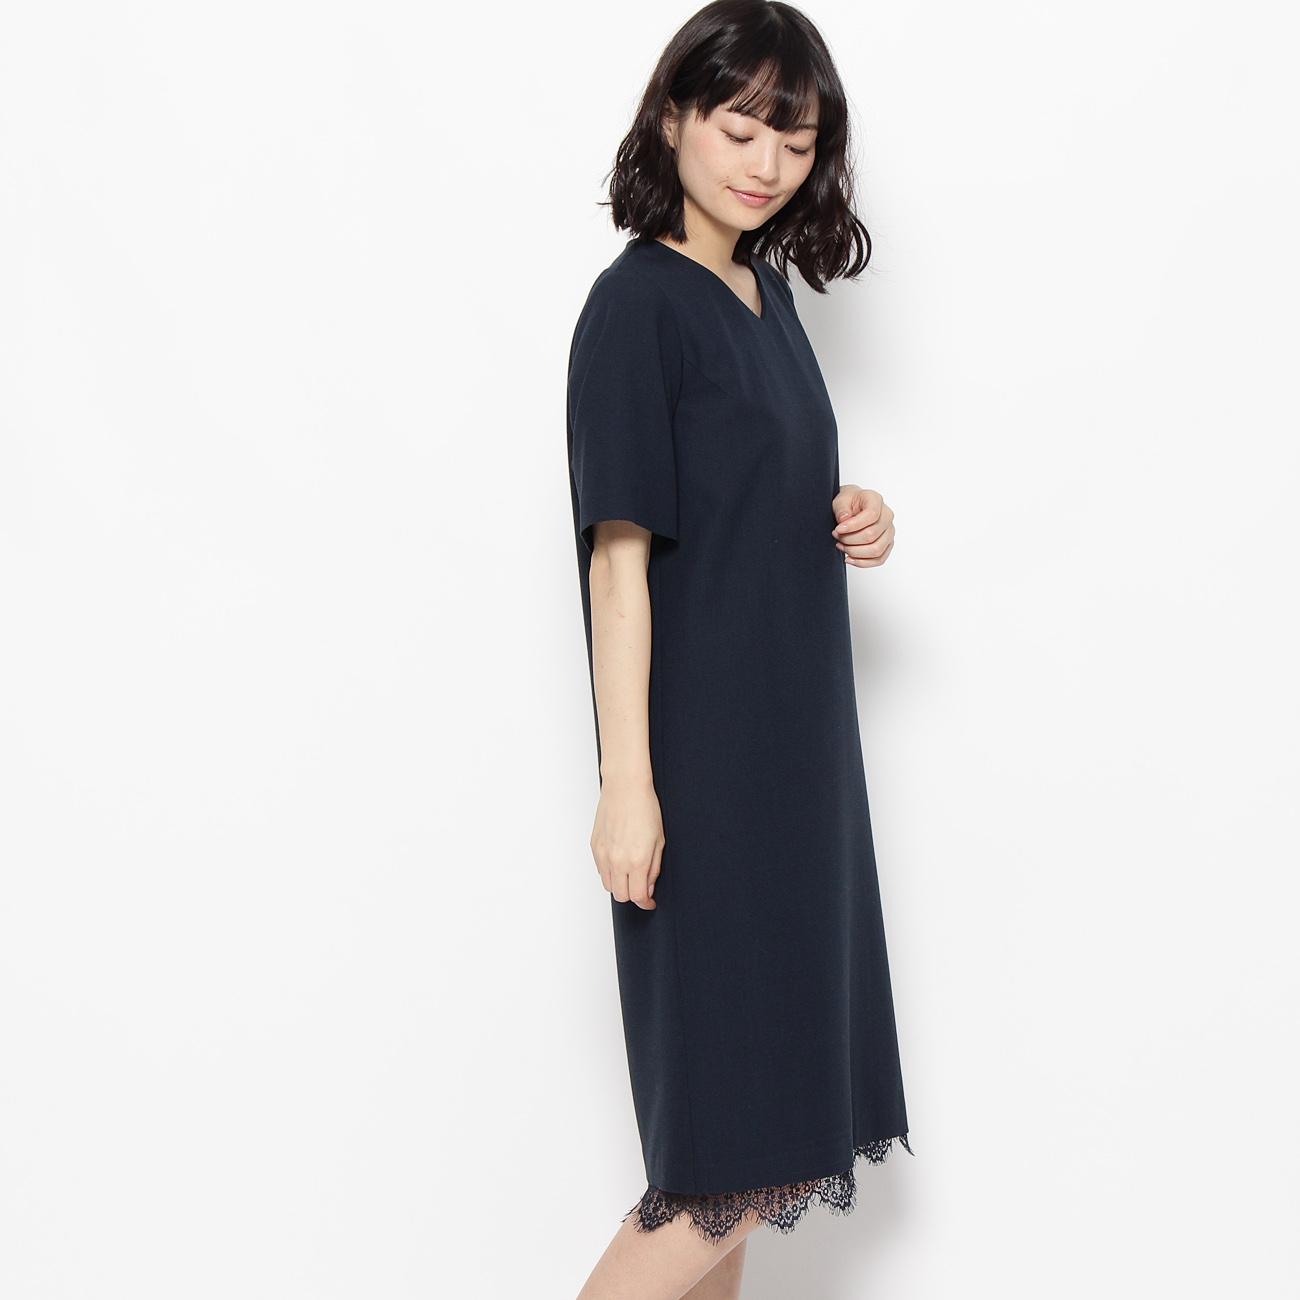 【grove (グローブ)】ジョーゼット+キャミソールワンピースSETレディース ワンピース ドレス ネイビー